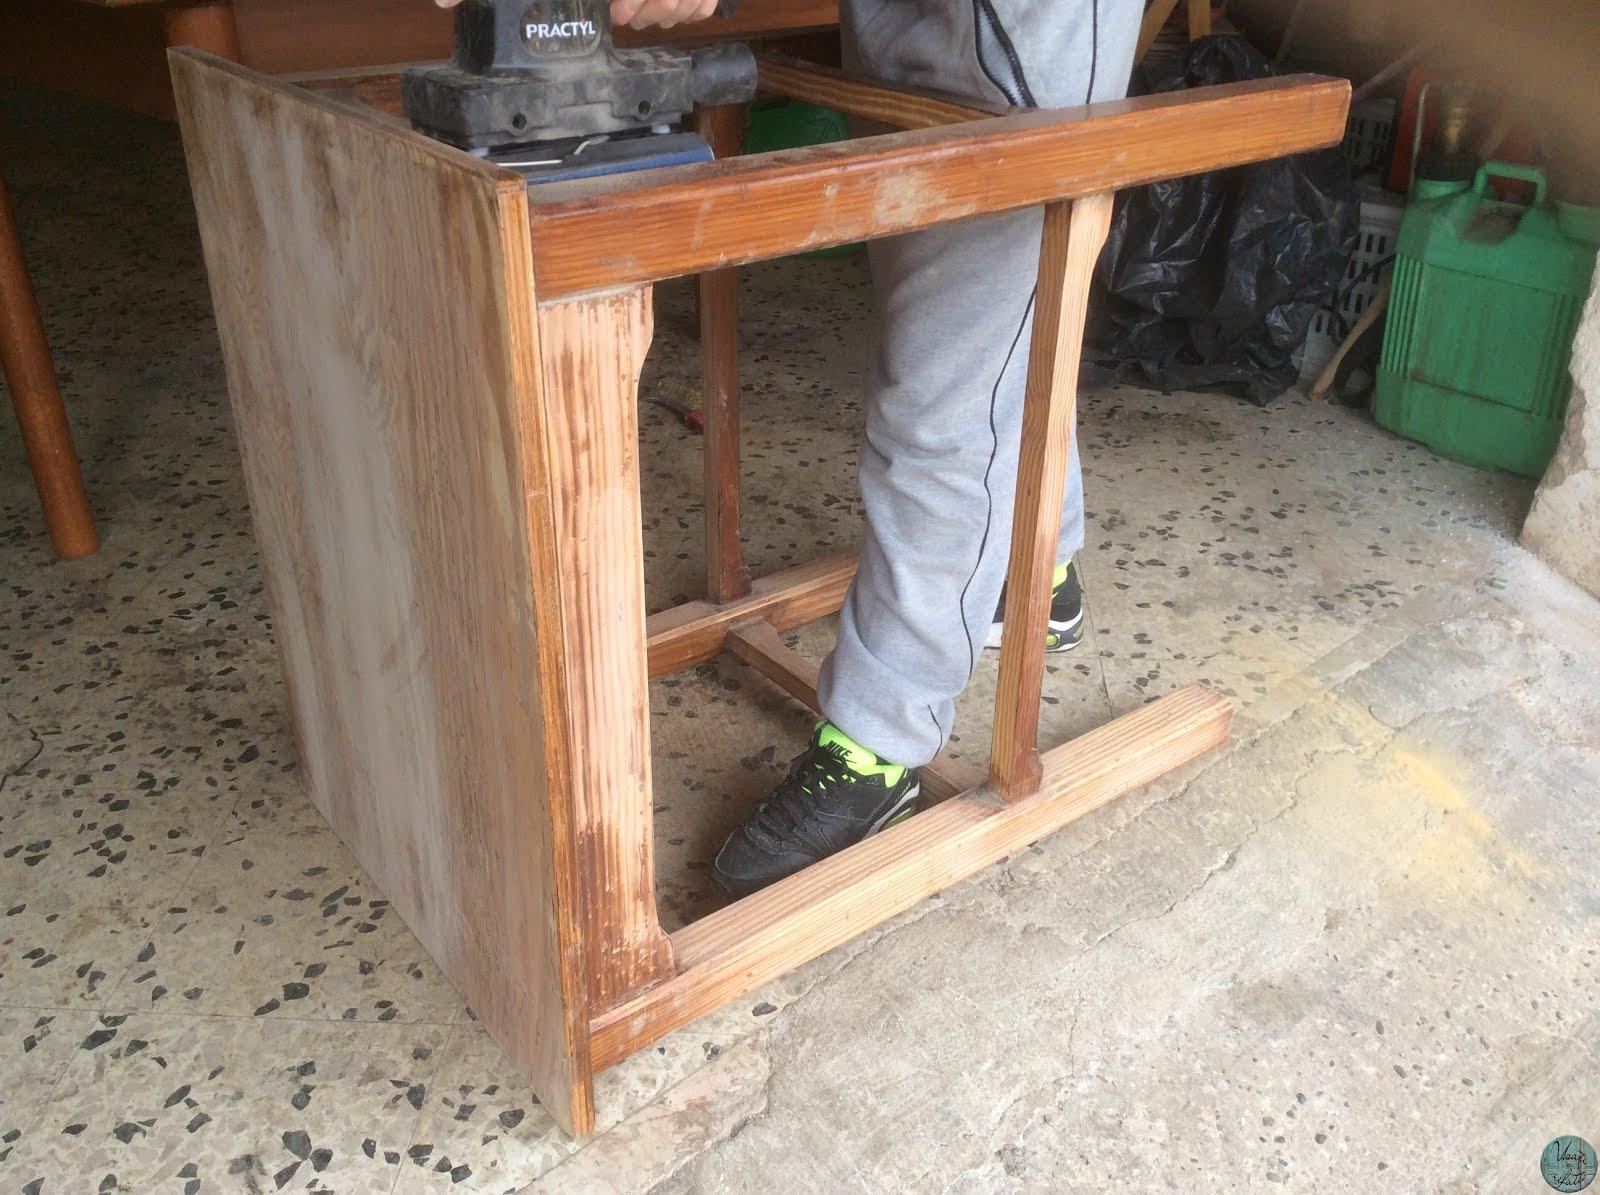 Ristrutturare mobile legno ca13 regardsdefemmes - Restaurare un mobile in legno ...